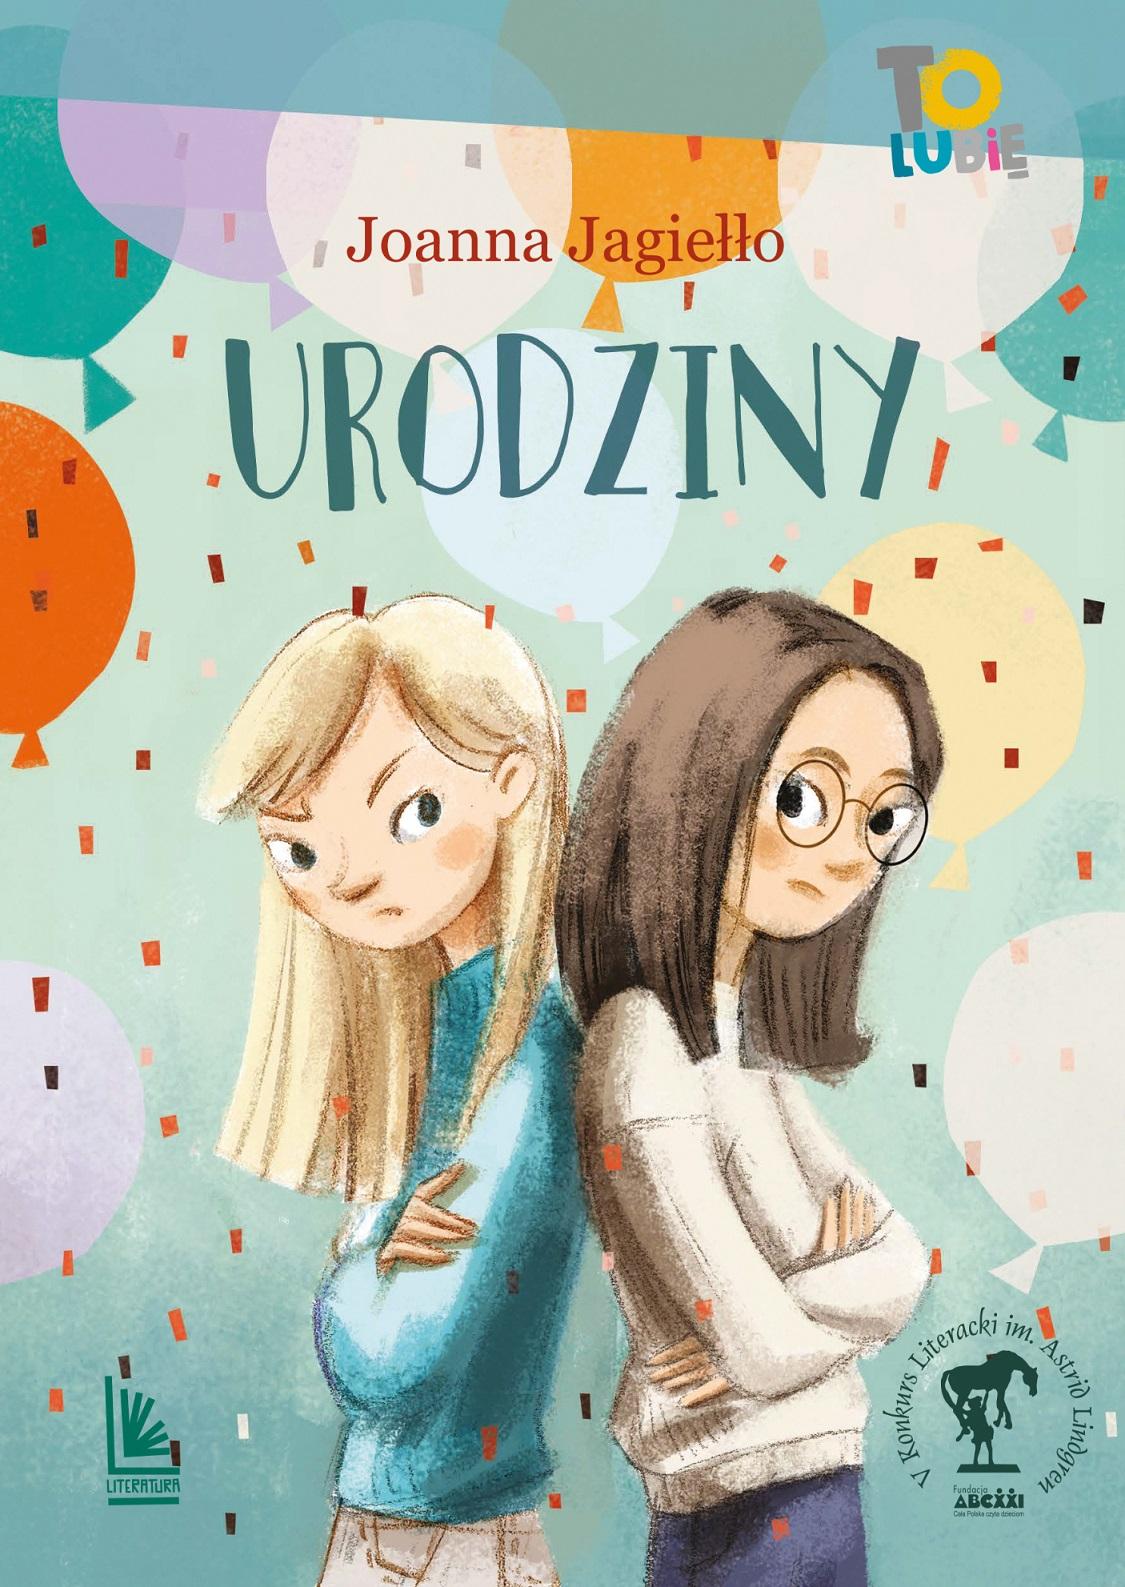 Urodziny - książka dla dzieci i młodzieży